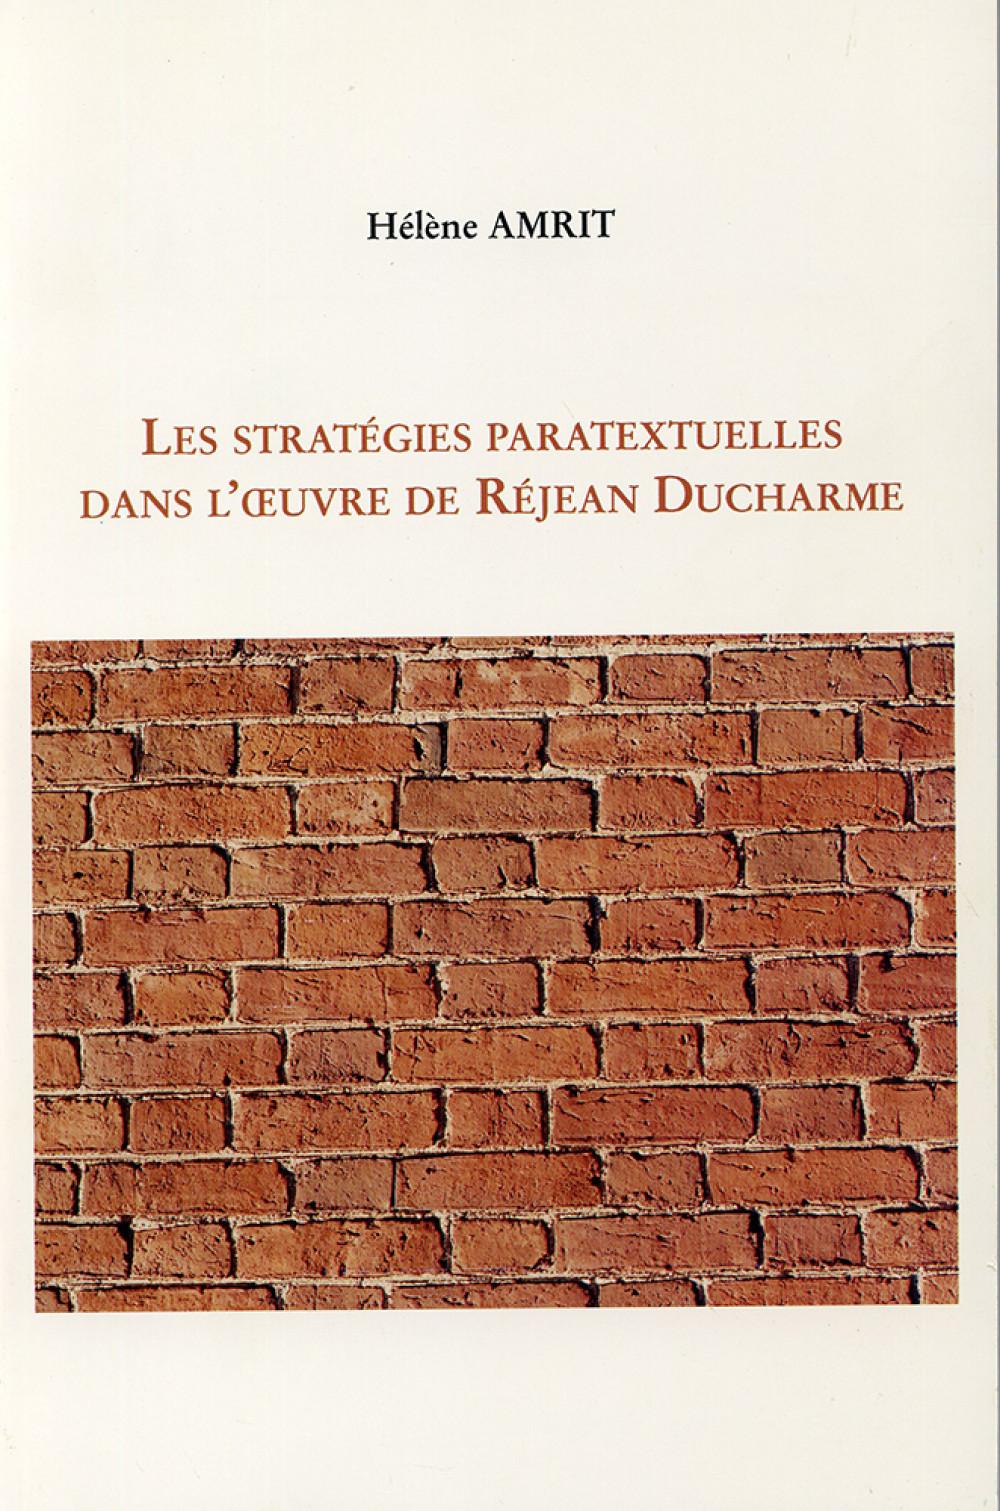 Les stratégies paratextuelles dans l'oeuvre de Réjean Ducharme